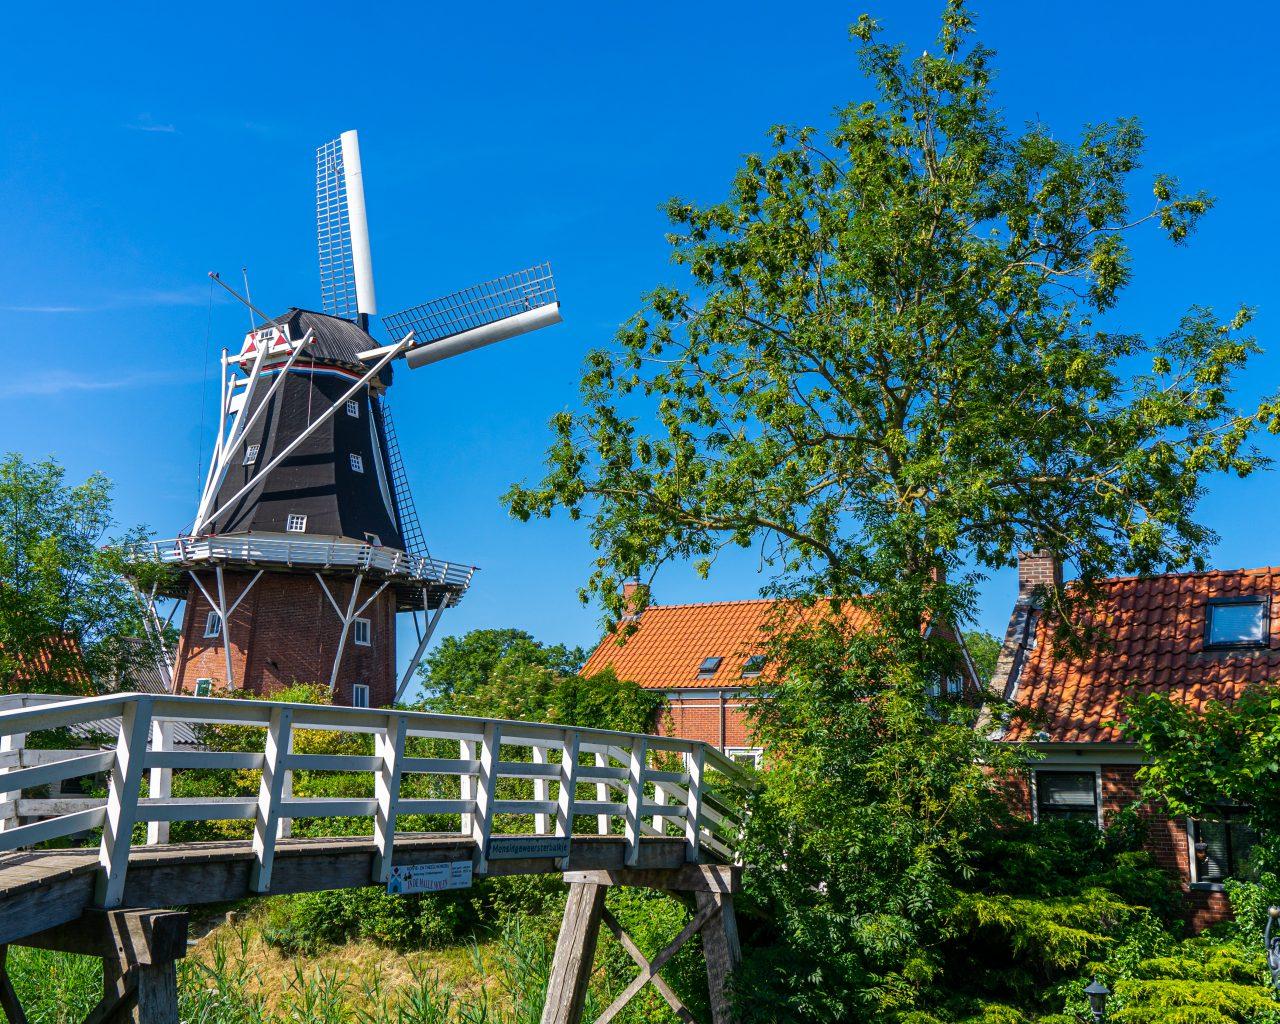 Molen-in-Mensingeweer-Groningen